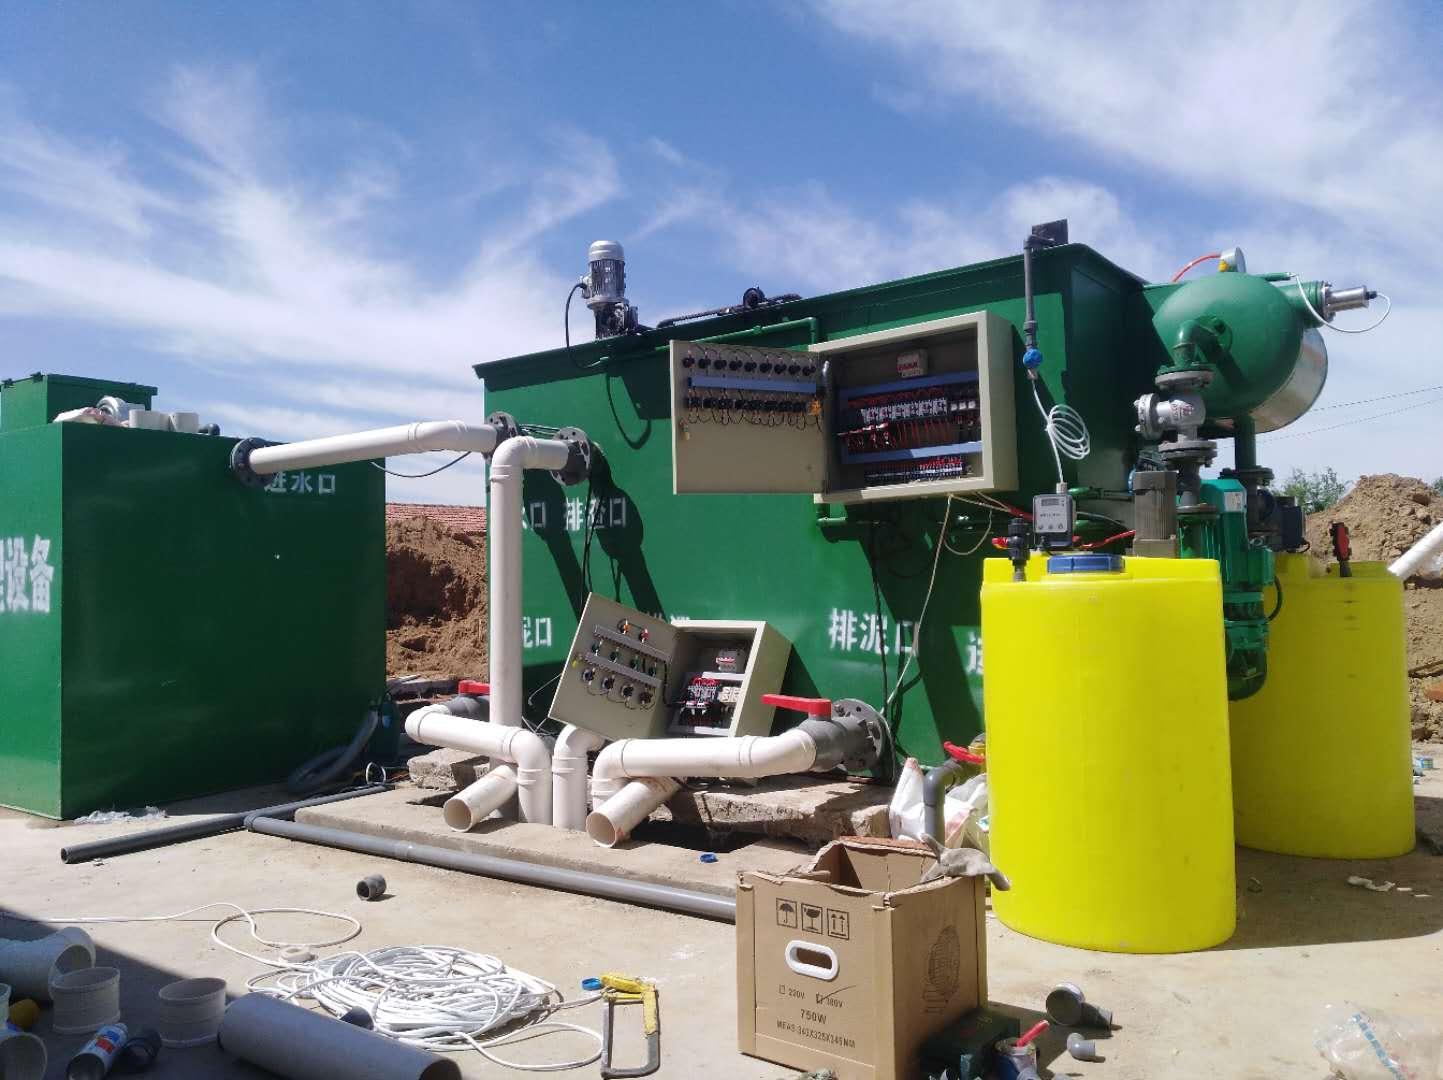 专业环保设备哪家好_垃圾处理设备相关